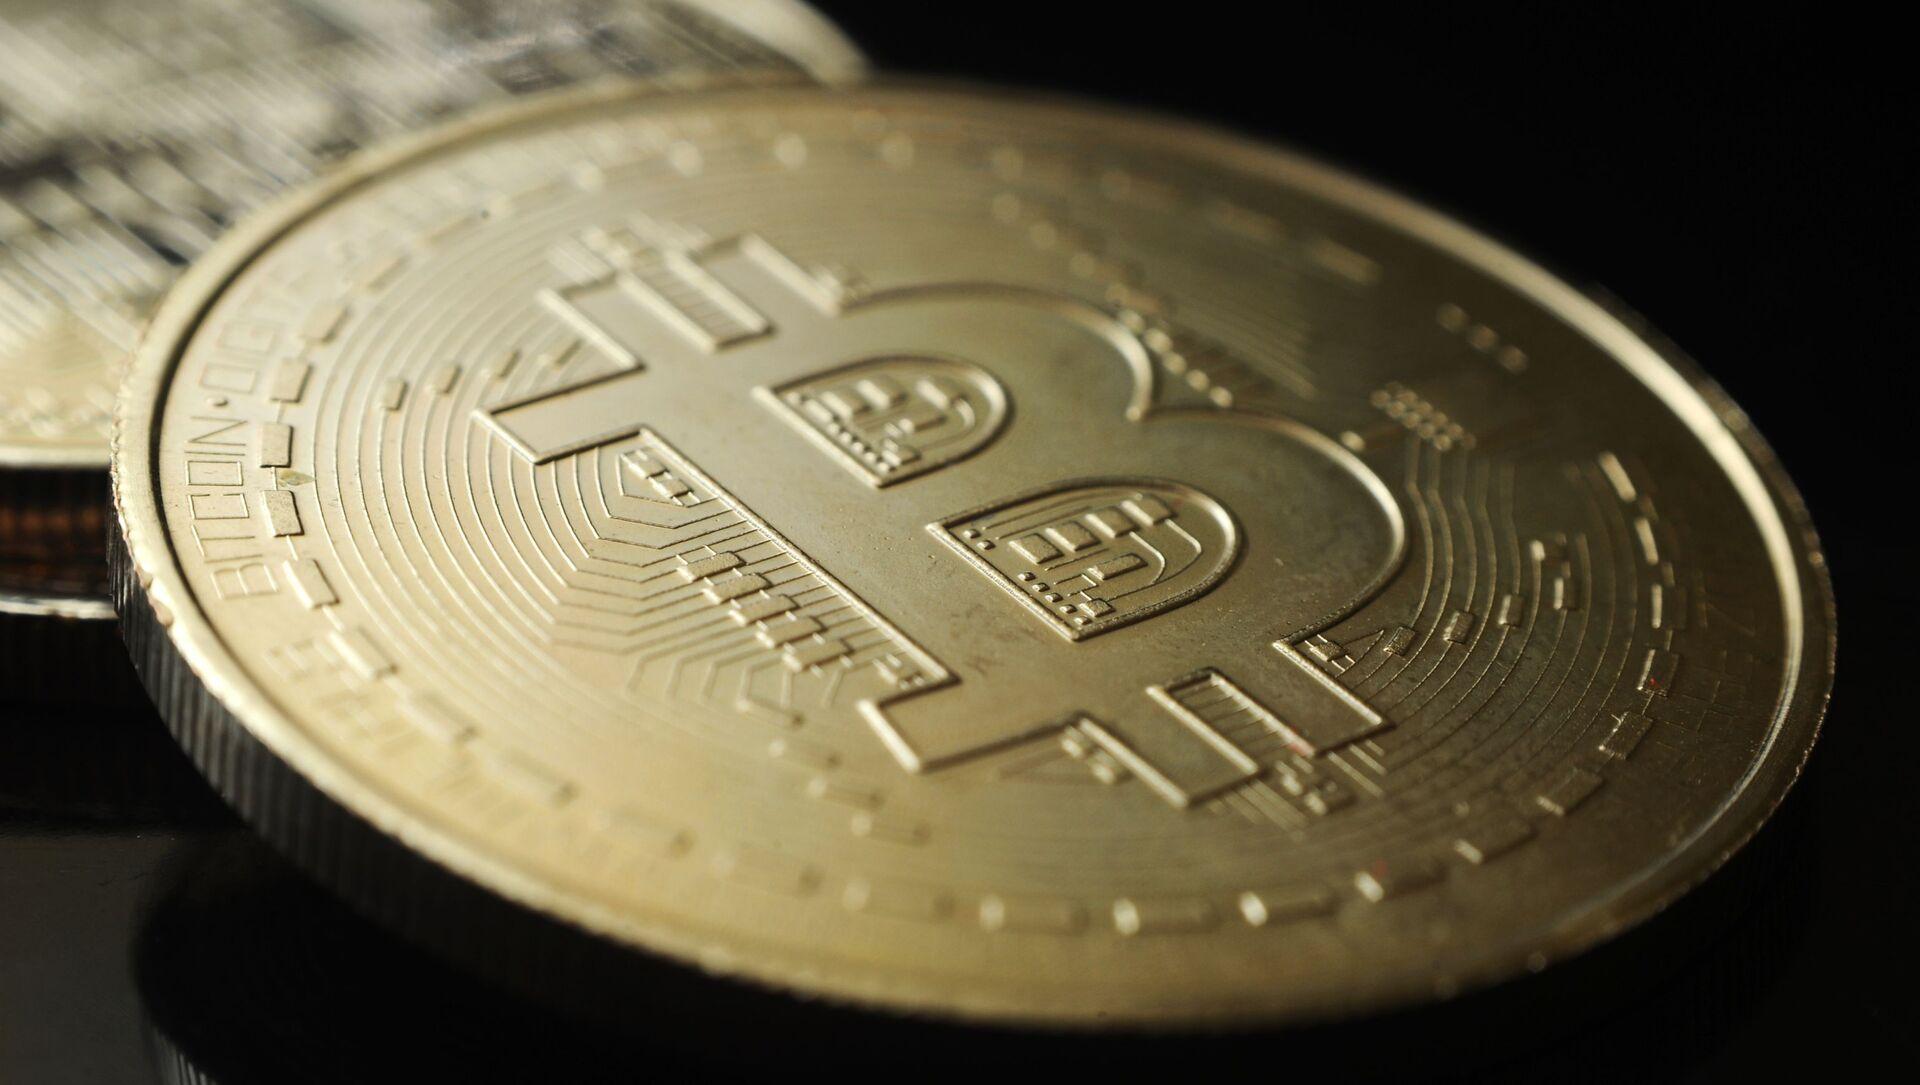 Сувенирная монета криптовалюты биткойн. - Sputnik Аҧсны, 1920, 06.09.2021